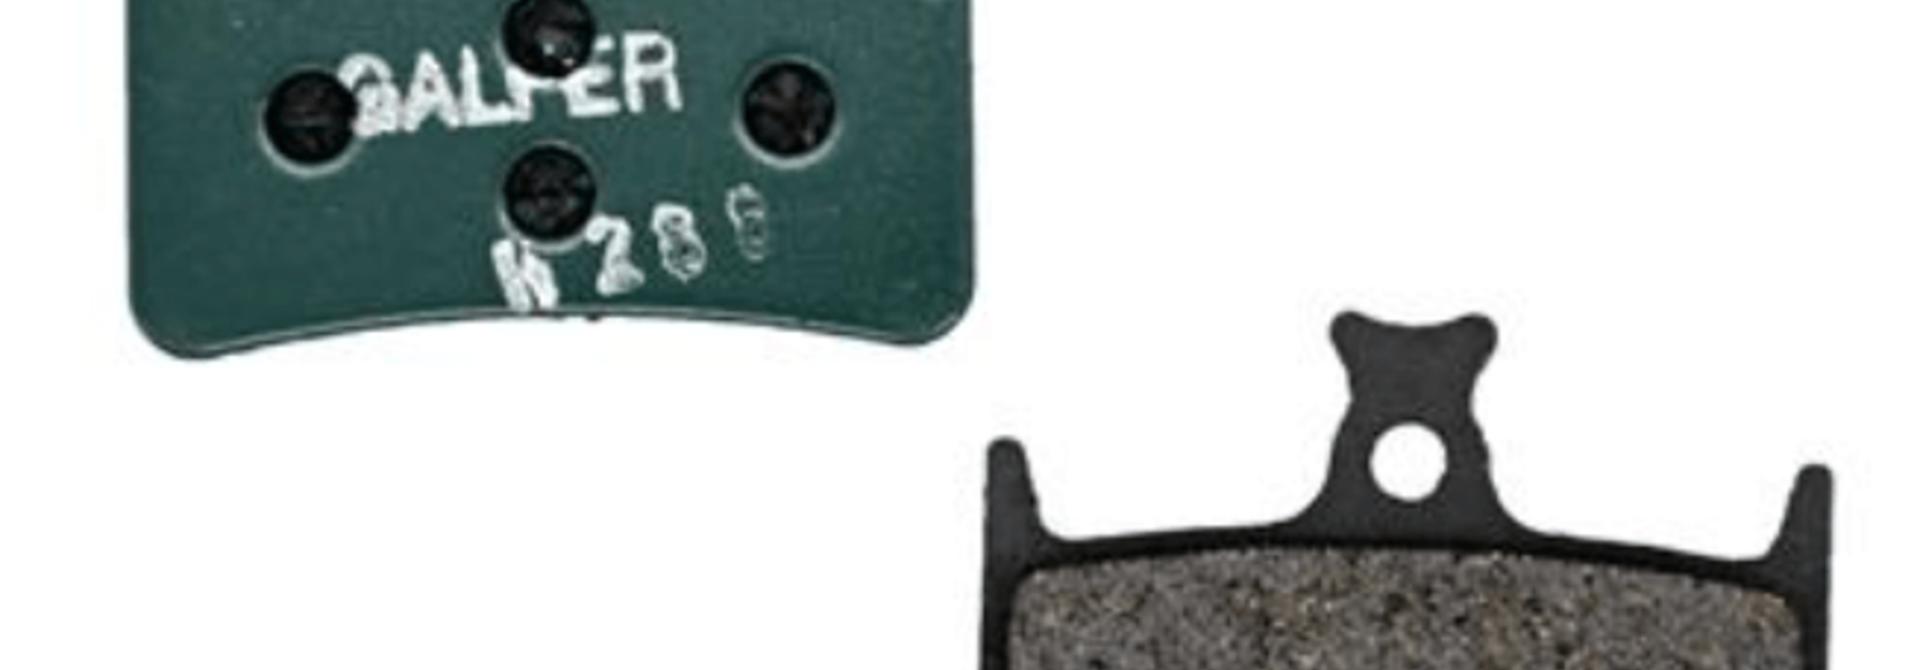 GALFER BRAKE PADS HOPE E4, RX4 PRO